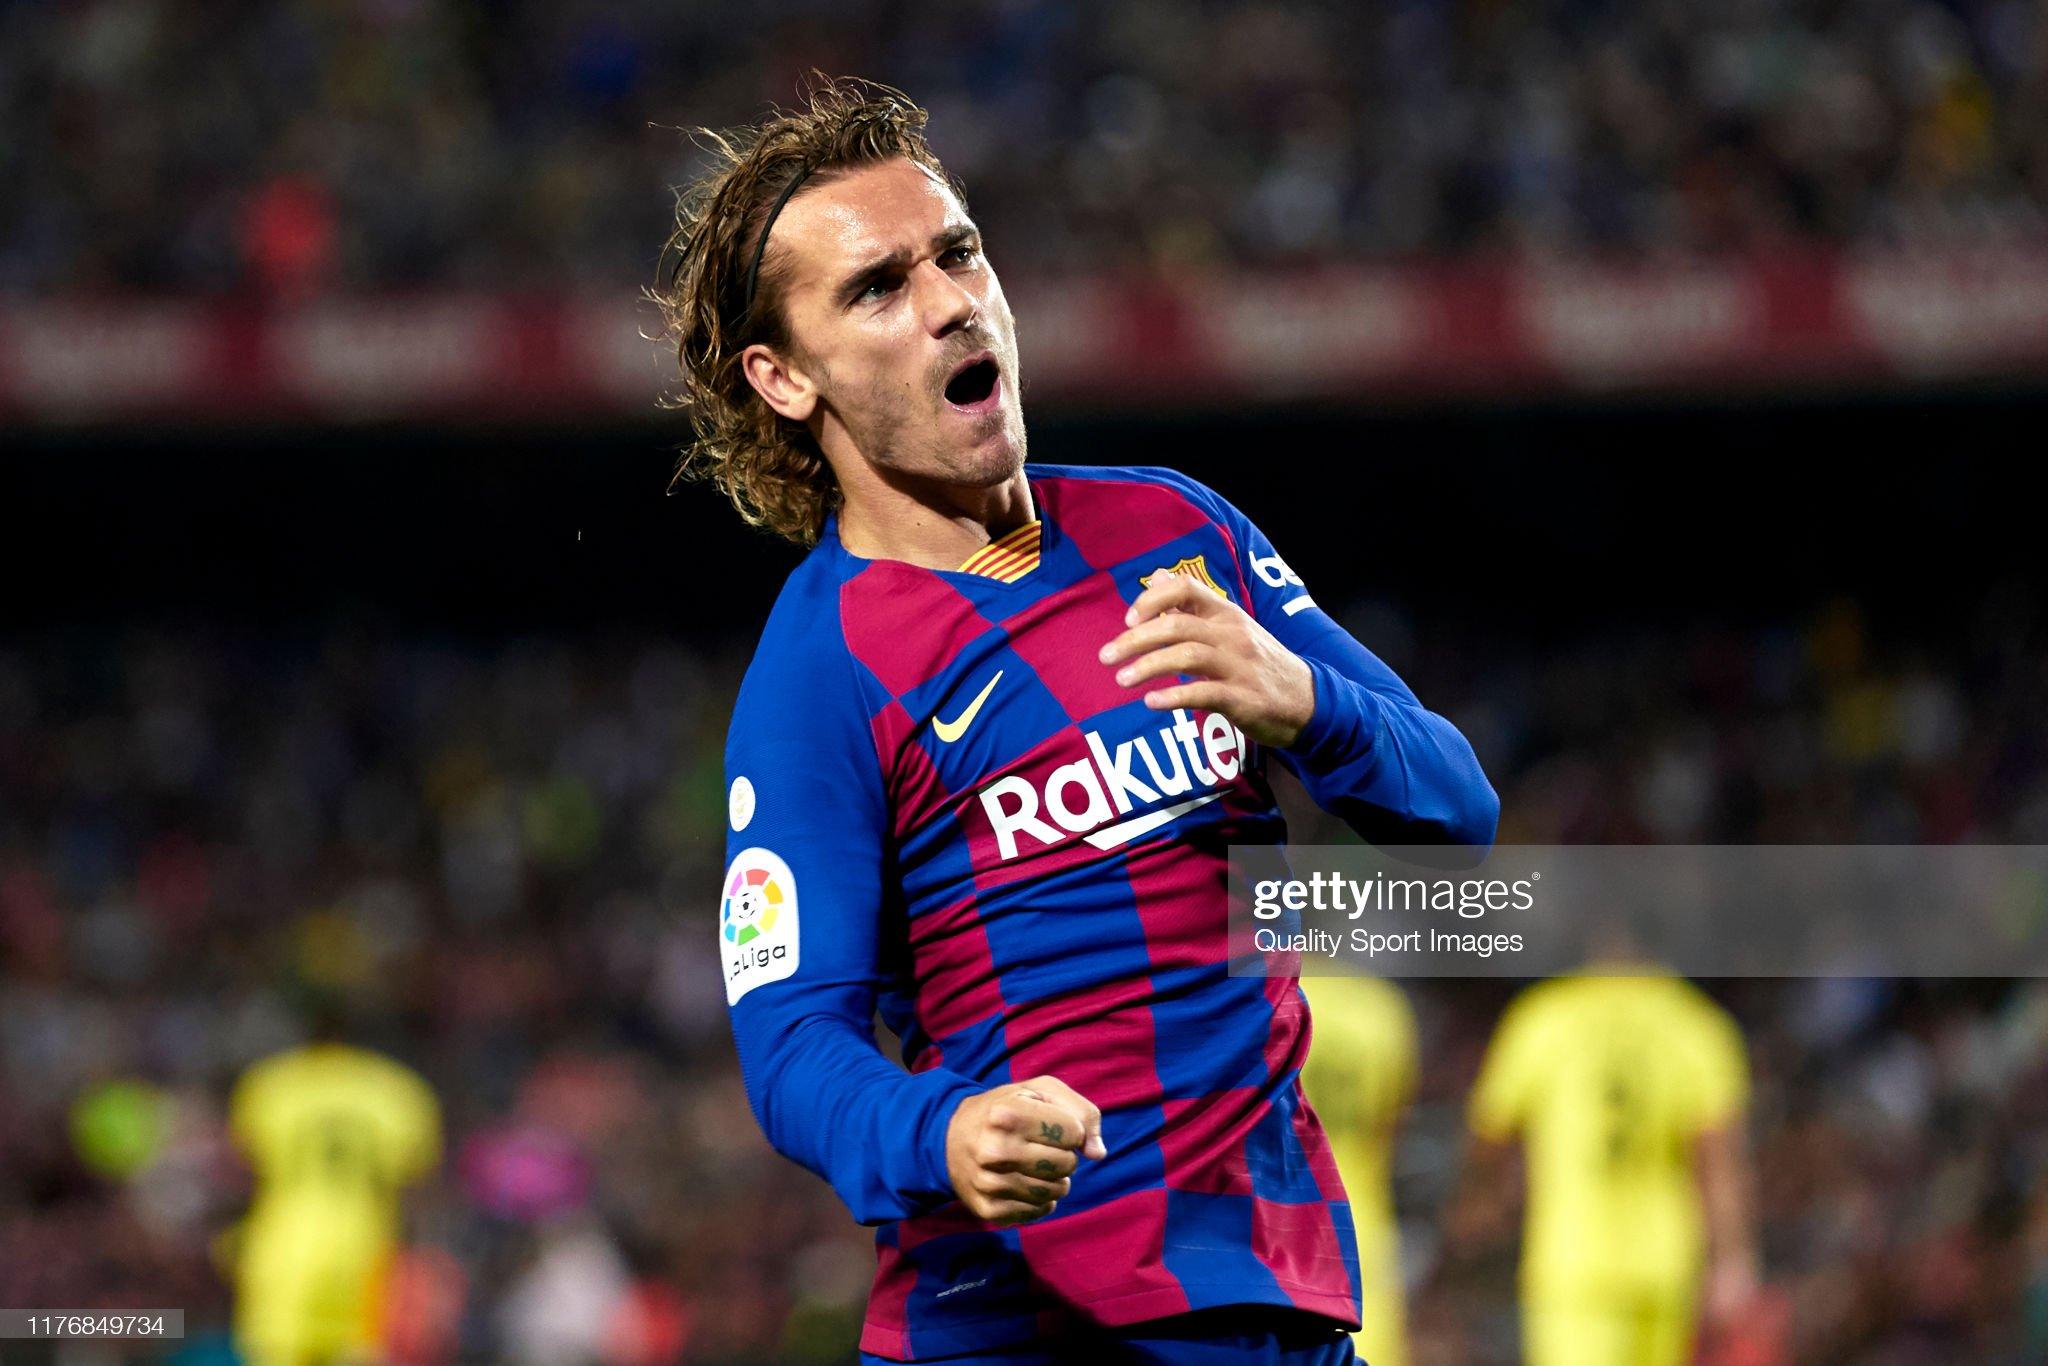 صور مباراة : برشلونة - فياريال 2-1 ( 24-09-2019 )  Antoine-griezmann-of-fc-barcelona-celebrates-their-teams-first-goal-picture-id1176849734?s=2048x2048